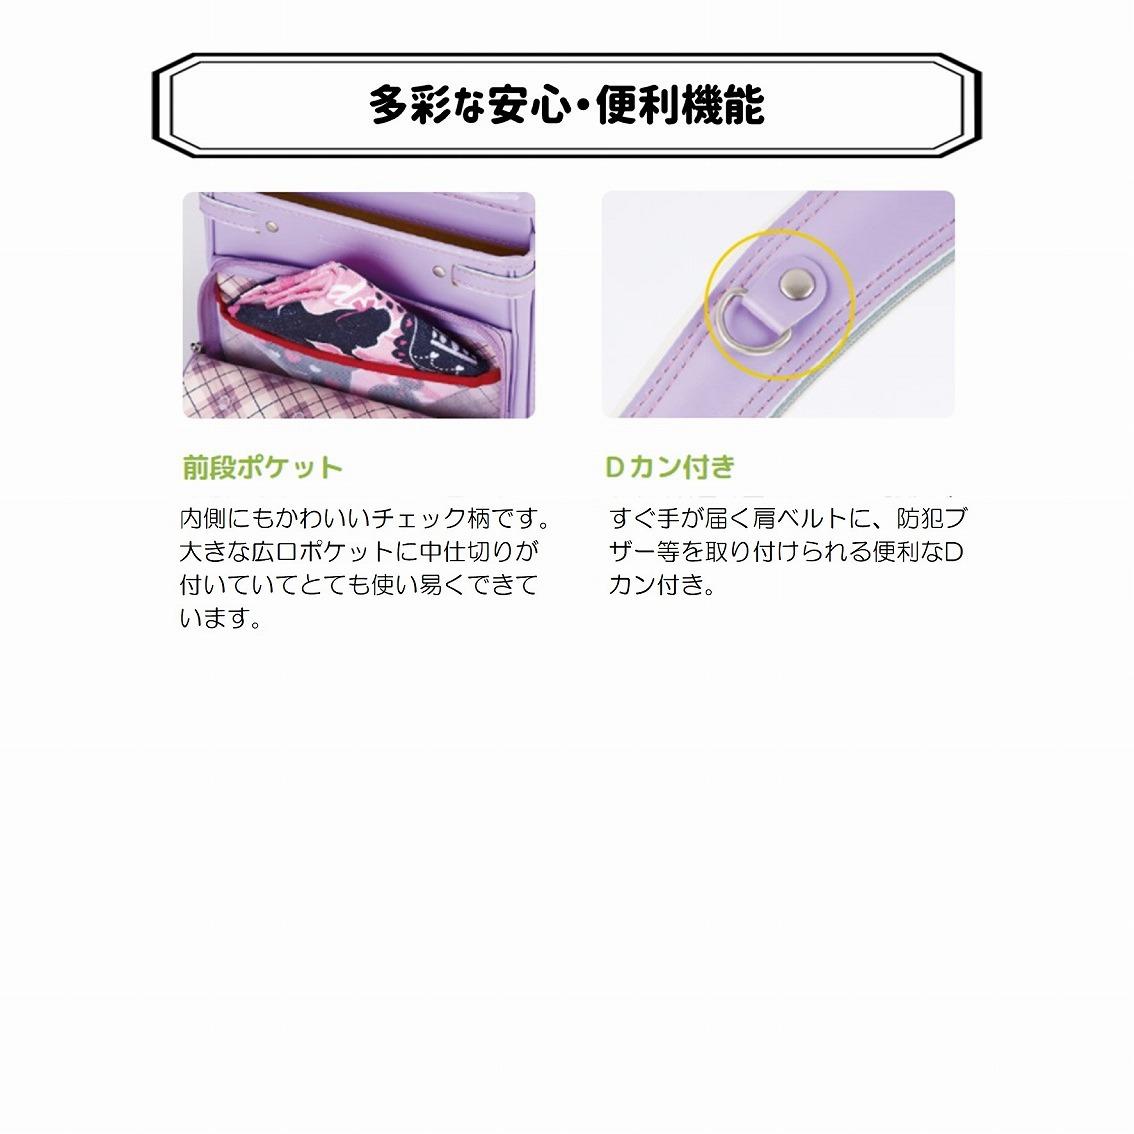 バンビーニ プリンセス クラリーノ パープル/ピンク